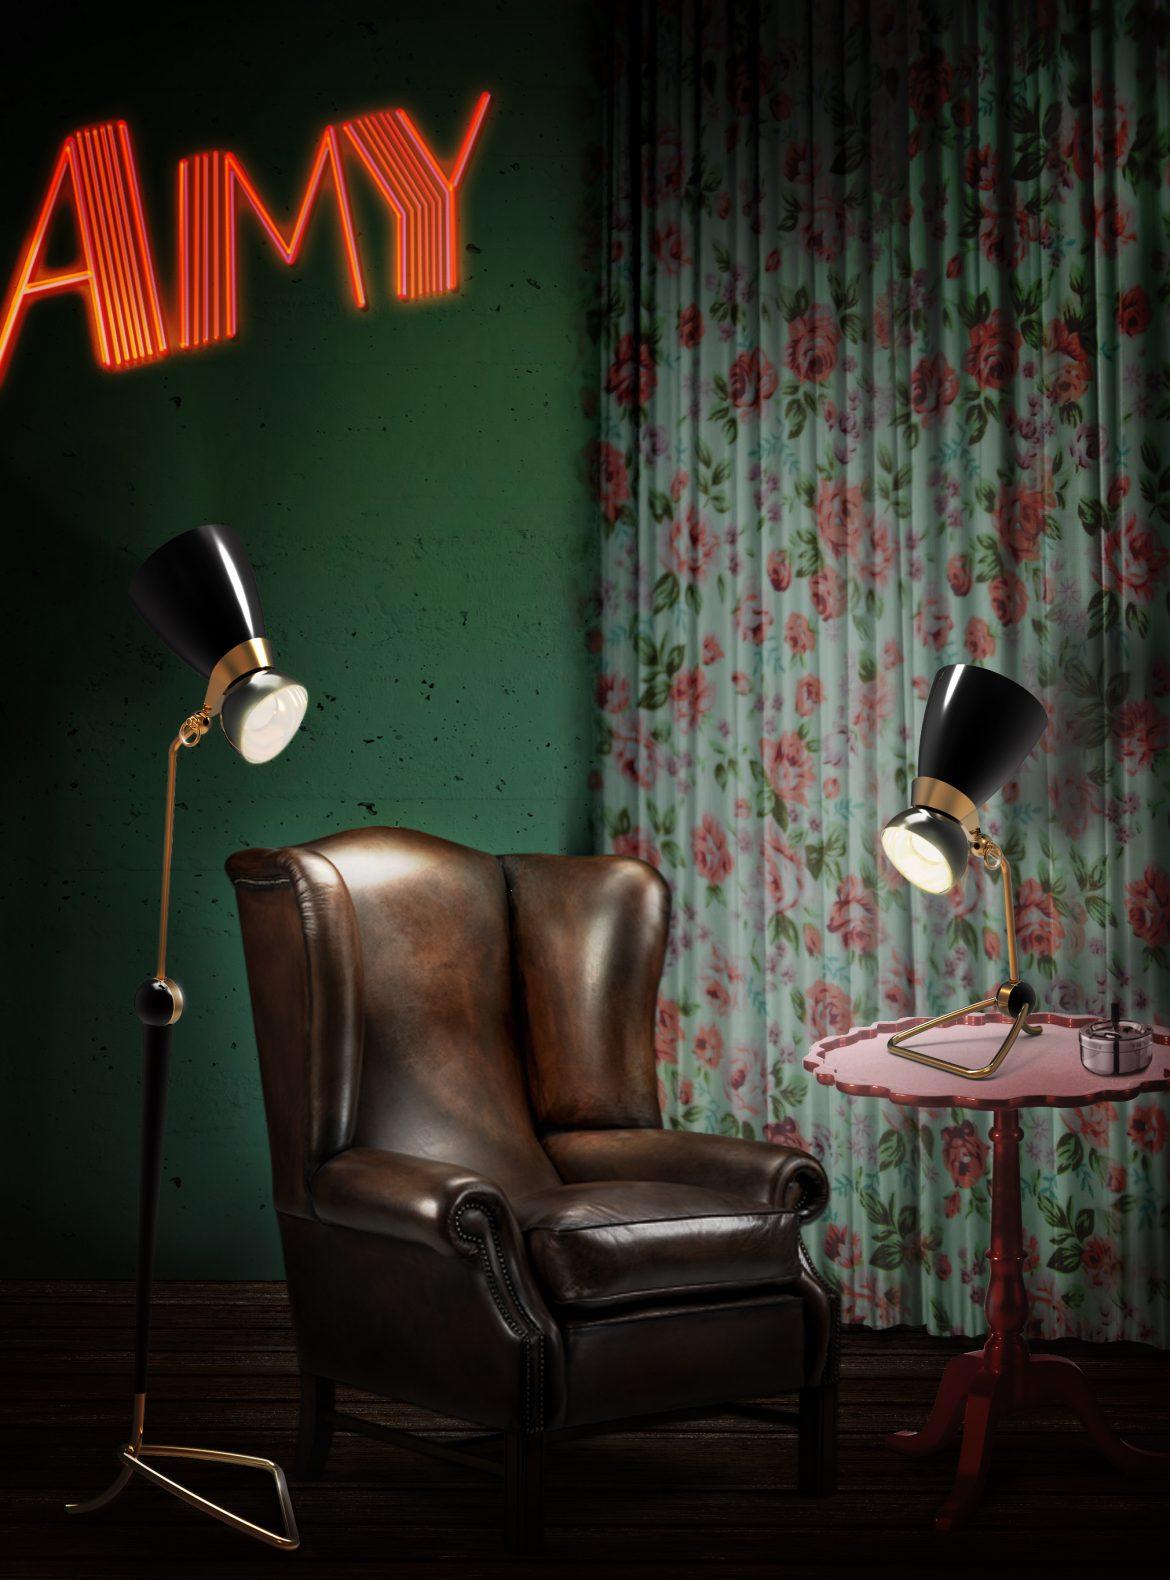 Die Jazz-Inspiration von modernen Stehlampen! modernen stehlampen Die Jazz-Inspiration von modernen Stehlampen! Die Jazz Inspiration von modernen Stehlampen 1